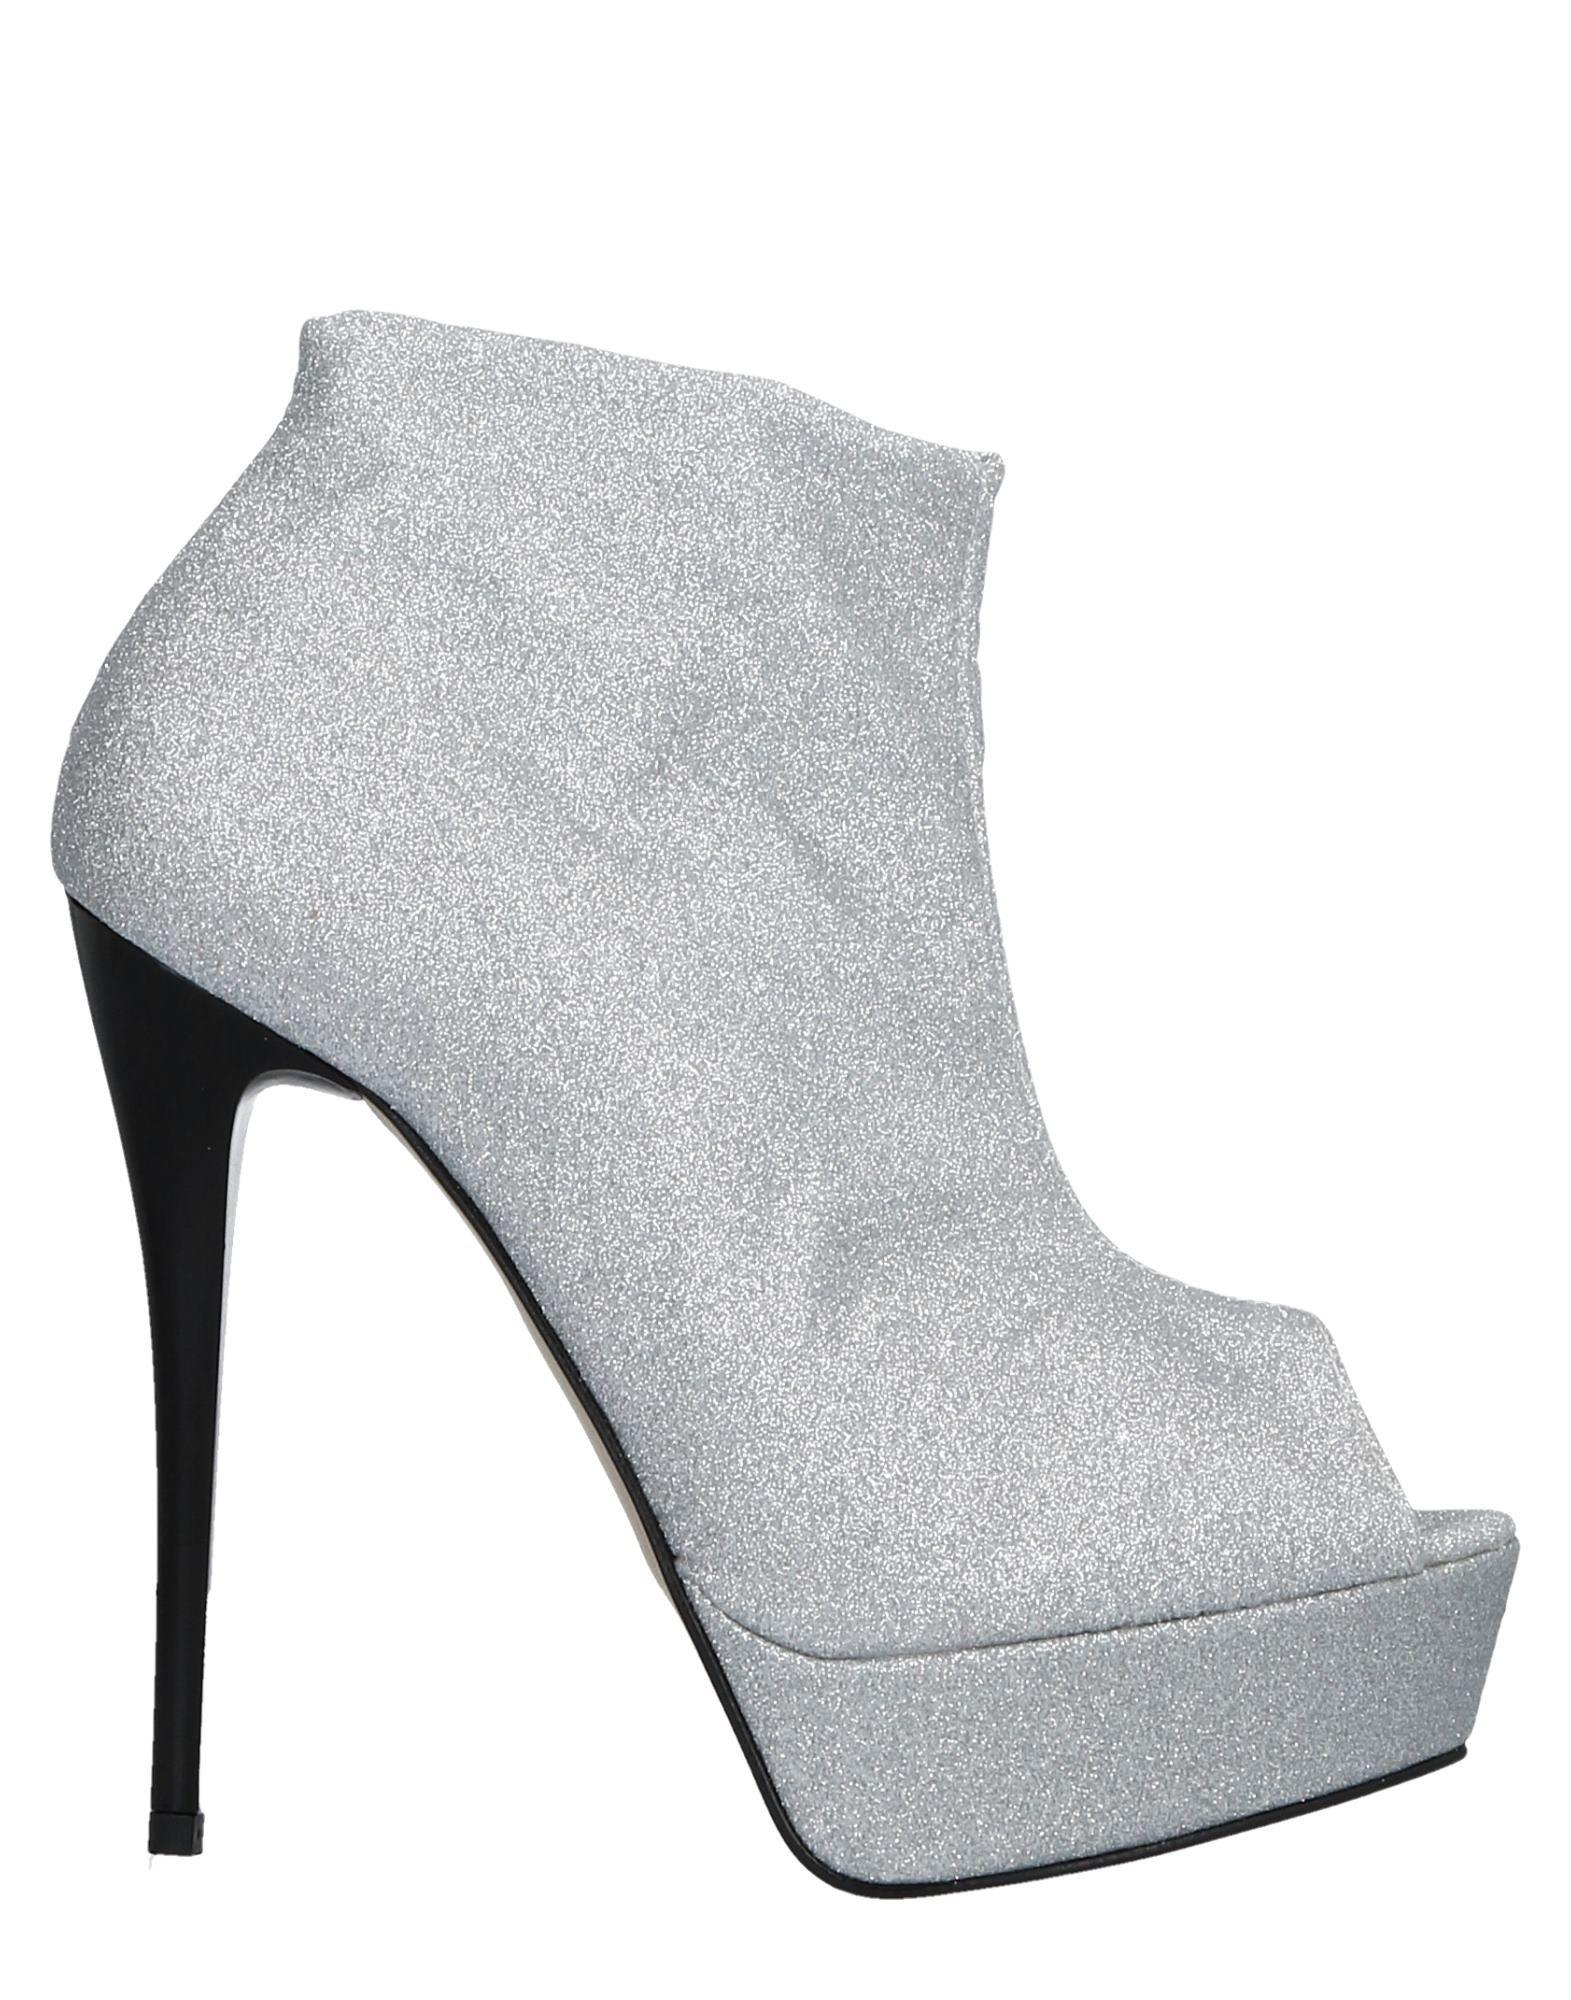 DIVINE FOLLIE Полусапоги и высокие ботинки плейбой бренд осенью открытый скалолазания и пешие прогулки досуга для дыхания и водонепроницаемым мужские ботинки